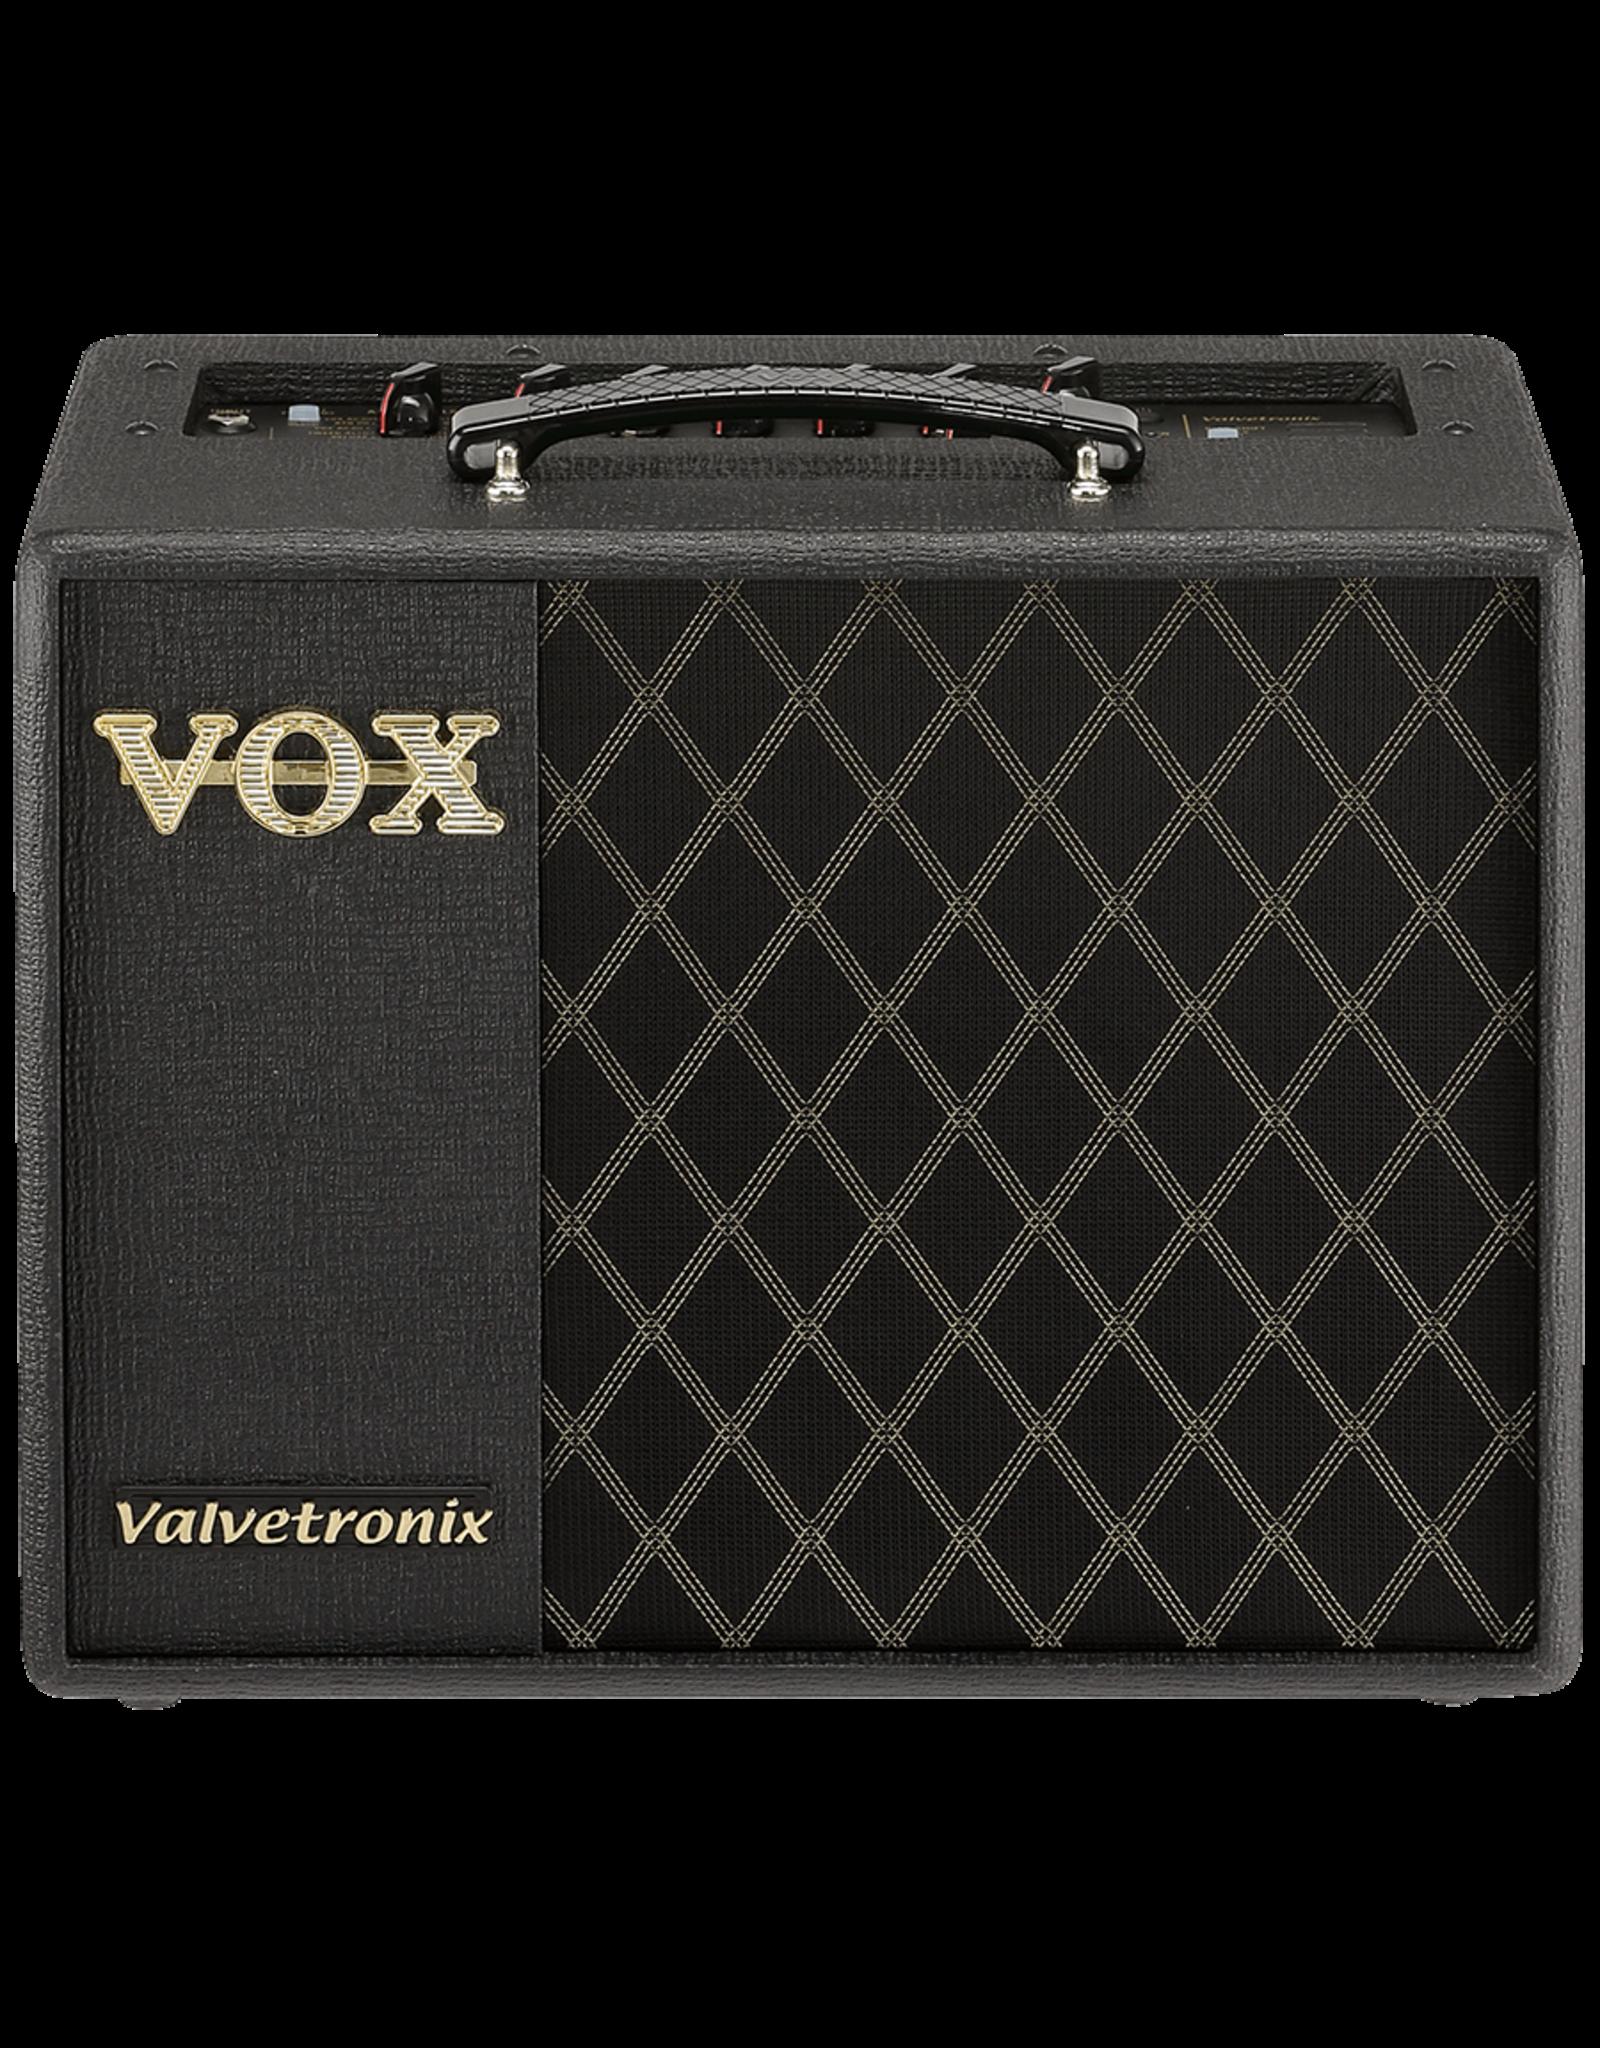 Vox Vox VT20X Amp